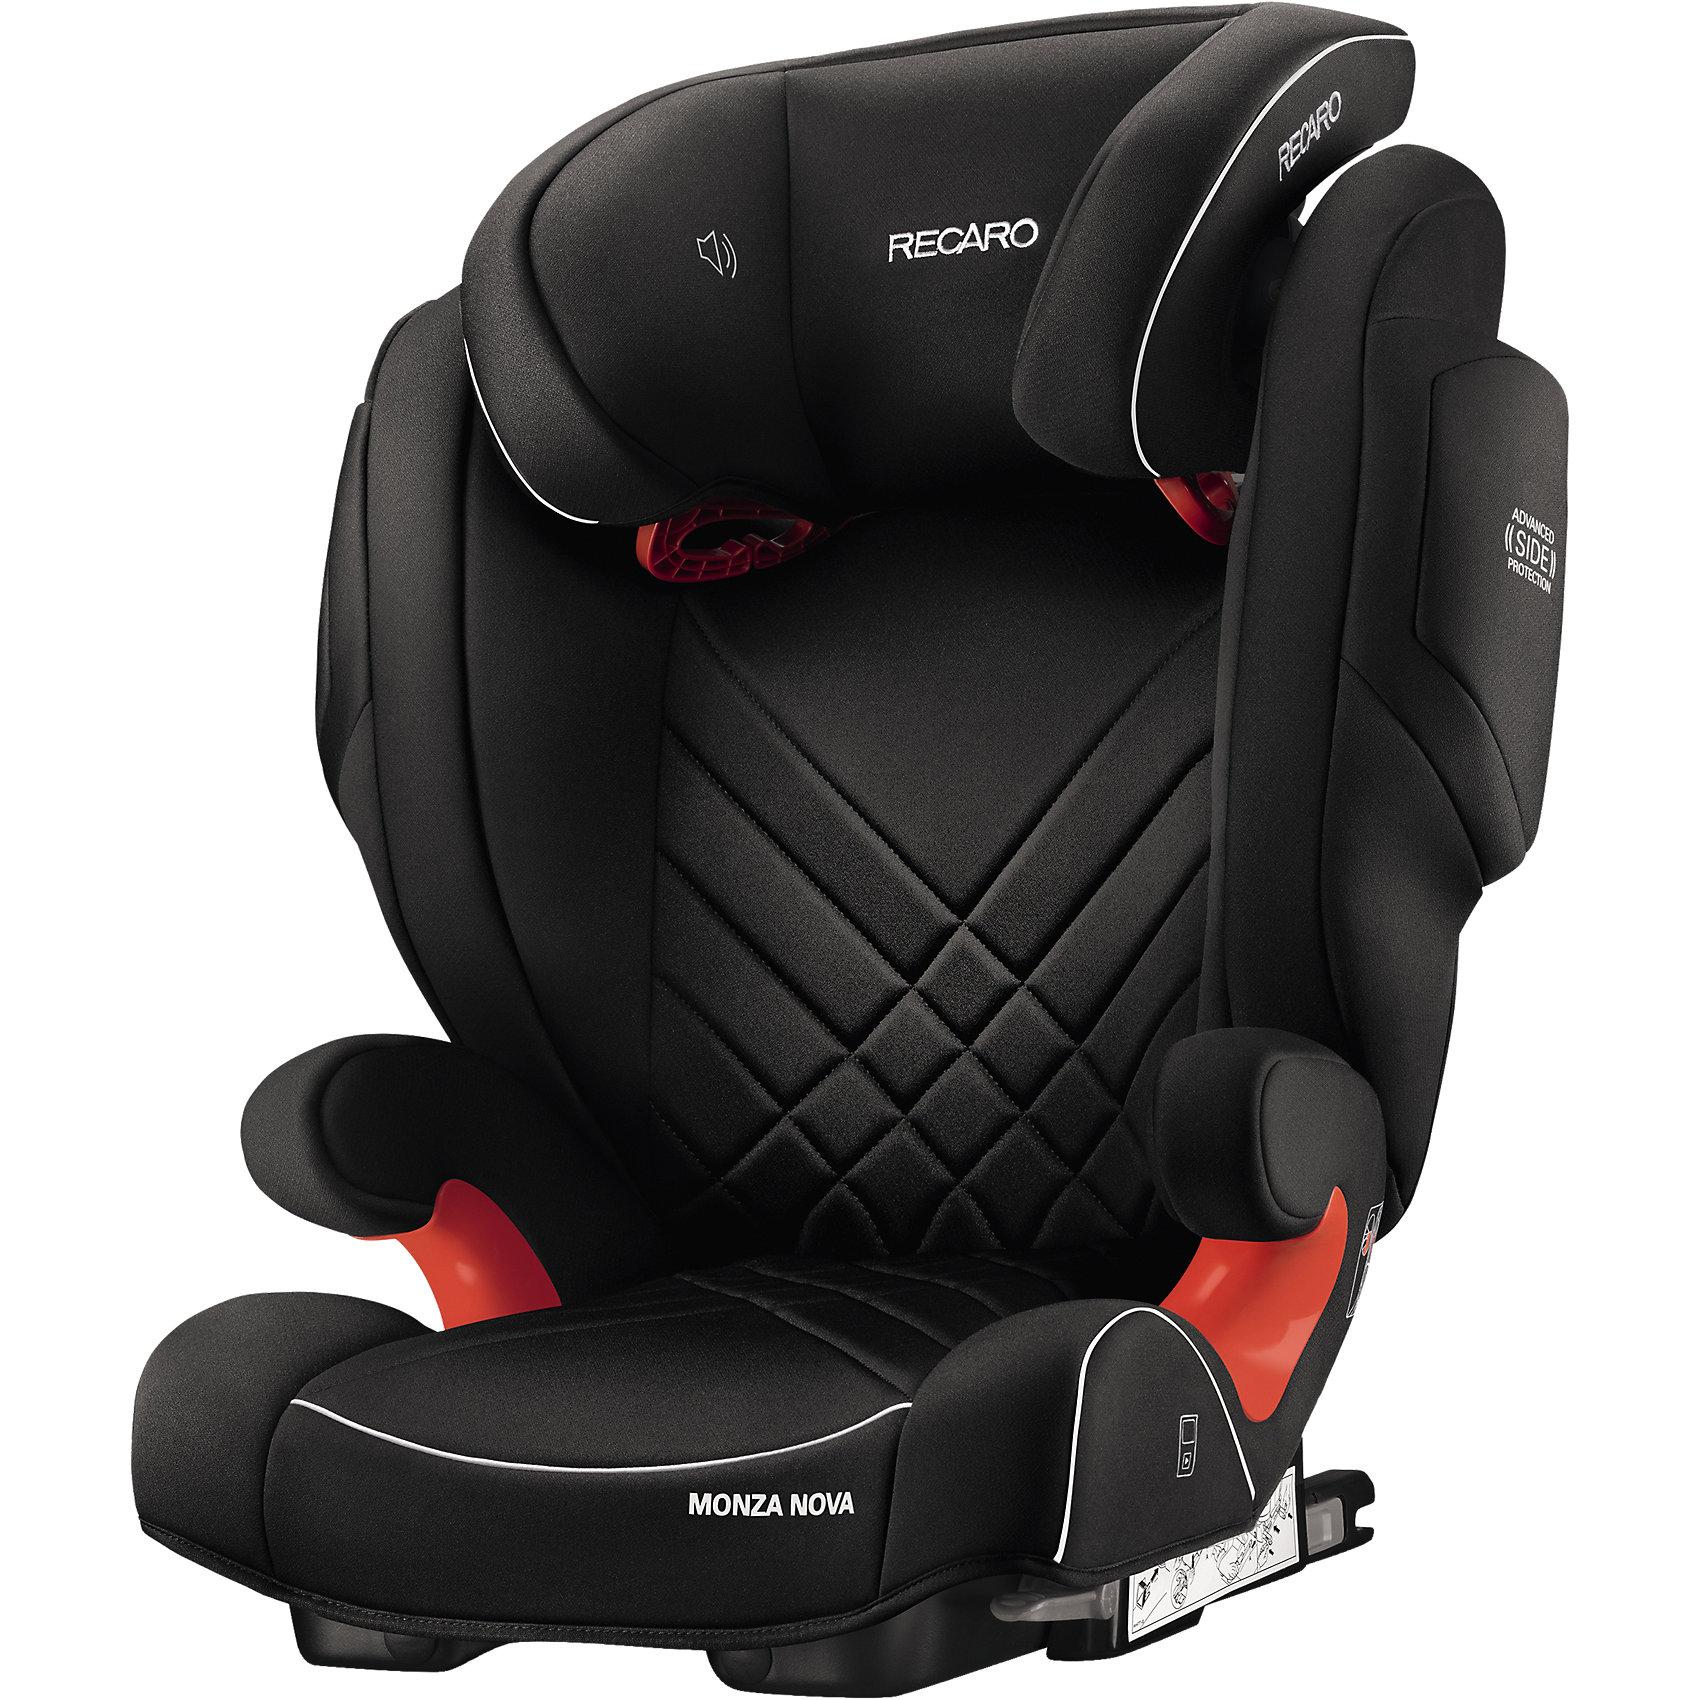 Автокресло Monza Nova 2 SF,  15-36 кг, Recaro, perfomance blackАвтокресло Recaro Monza Nova 2 SF:<br><br>Характеристики:<br><br>• группа: 2-3;<br>• вес ребенка: 15-36 кг;<br>• возраст ребенка: от 3 до 12 лет;<br>• способ установки: по ходу движения;<br>• способ крепления: система Isofix;<br>• материал: пластик, полиэстер;<br>• размер автокресла: 74х48х62 см;<br>• вес автокресла: 6,7 кг;<br>• вес в упаковке: 8 кг.<br><br>Особенности автокресла Monza Nova 2 SF: <br><br>• регулируемая глубина подголовника, <br>• регулируемая высота подголовника – 11 положений, <br>• усиленная боковая защита, <br>• интегрированные динамики: воспроизведения колыбельных, звуков природы, аудиосказок,<br>• провод для подключения плеера к динамикам в комплекте,<br>• сетчатый кармашек для MP3-плеера.<br><br>Автокресло Monza Nova 2 SF устанавливается на заднем сидении автомобиля с помощью системы Изофикс. Выдвижные крепления кресла совмещаются с системой Изофикс в автомобиле. Обивка автокресла выполнена из дышащего материала, который не впитывает посторонние запахи. Автокресло оснащено вентиляционными отверстиями для циркуляции воздуха и регуляции теплообмена. <br><br>Комплектация: <br><br>• автокресло Monza Nova 2 SF группы II/III;<br>• стерео динамики, встроенные в подголовник;<br>• провод для подключения воспроизводящего устройства к динамикам.<br><br>Автокресло Monza Nova 2 SF, 15-36 кг, Recaro, perfomance black можно купить в нашем магазине.<br><br>Ширина мм: 730<br>Глубина мм: 540<br>Высота мм: 540<br>Вес г: 8500<br>Возраст от месяцев: 36<br>Возраст до месяцев: 144<br>Пол: Унисекс<br>Возраст: Детский<br>SKU: 4999092